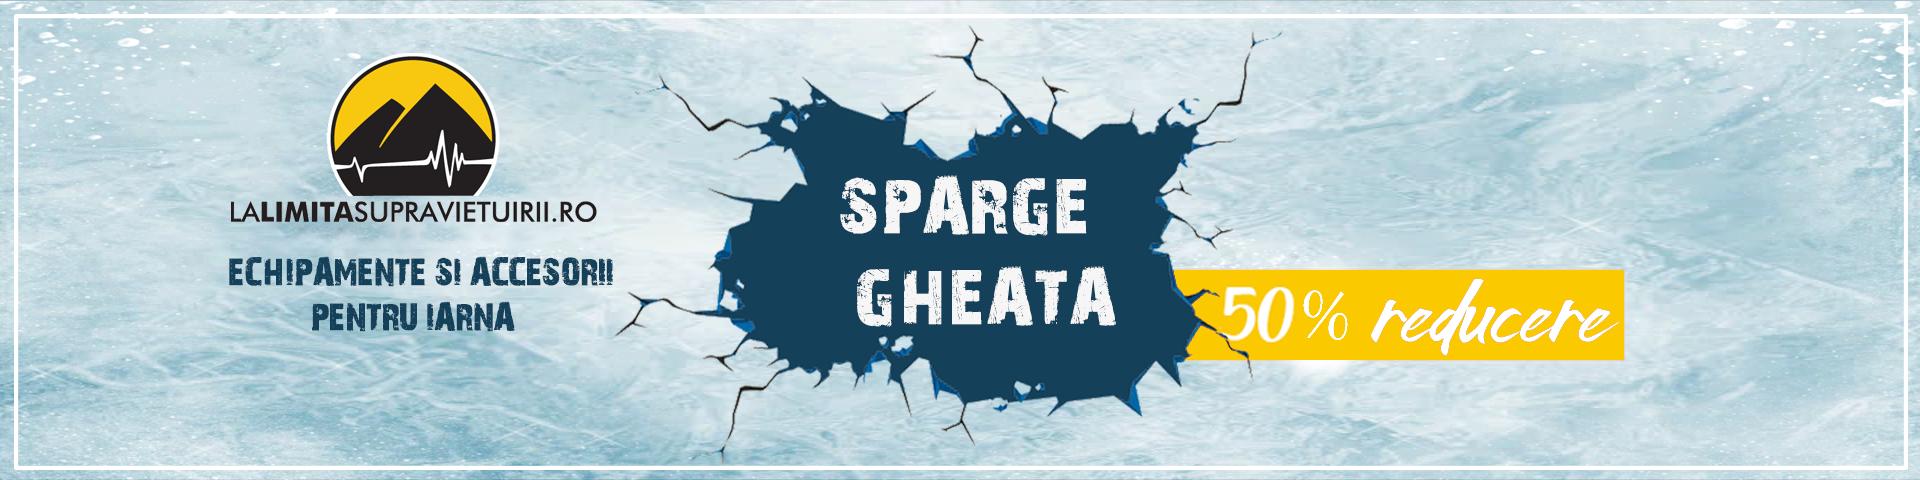 Sparge Gheata